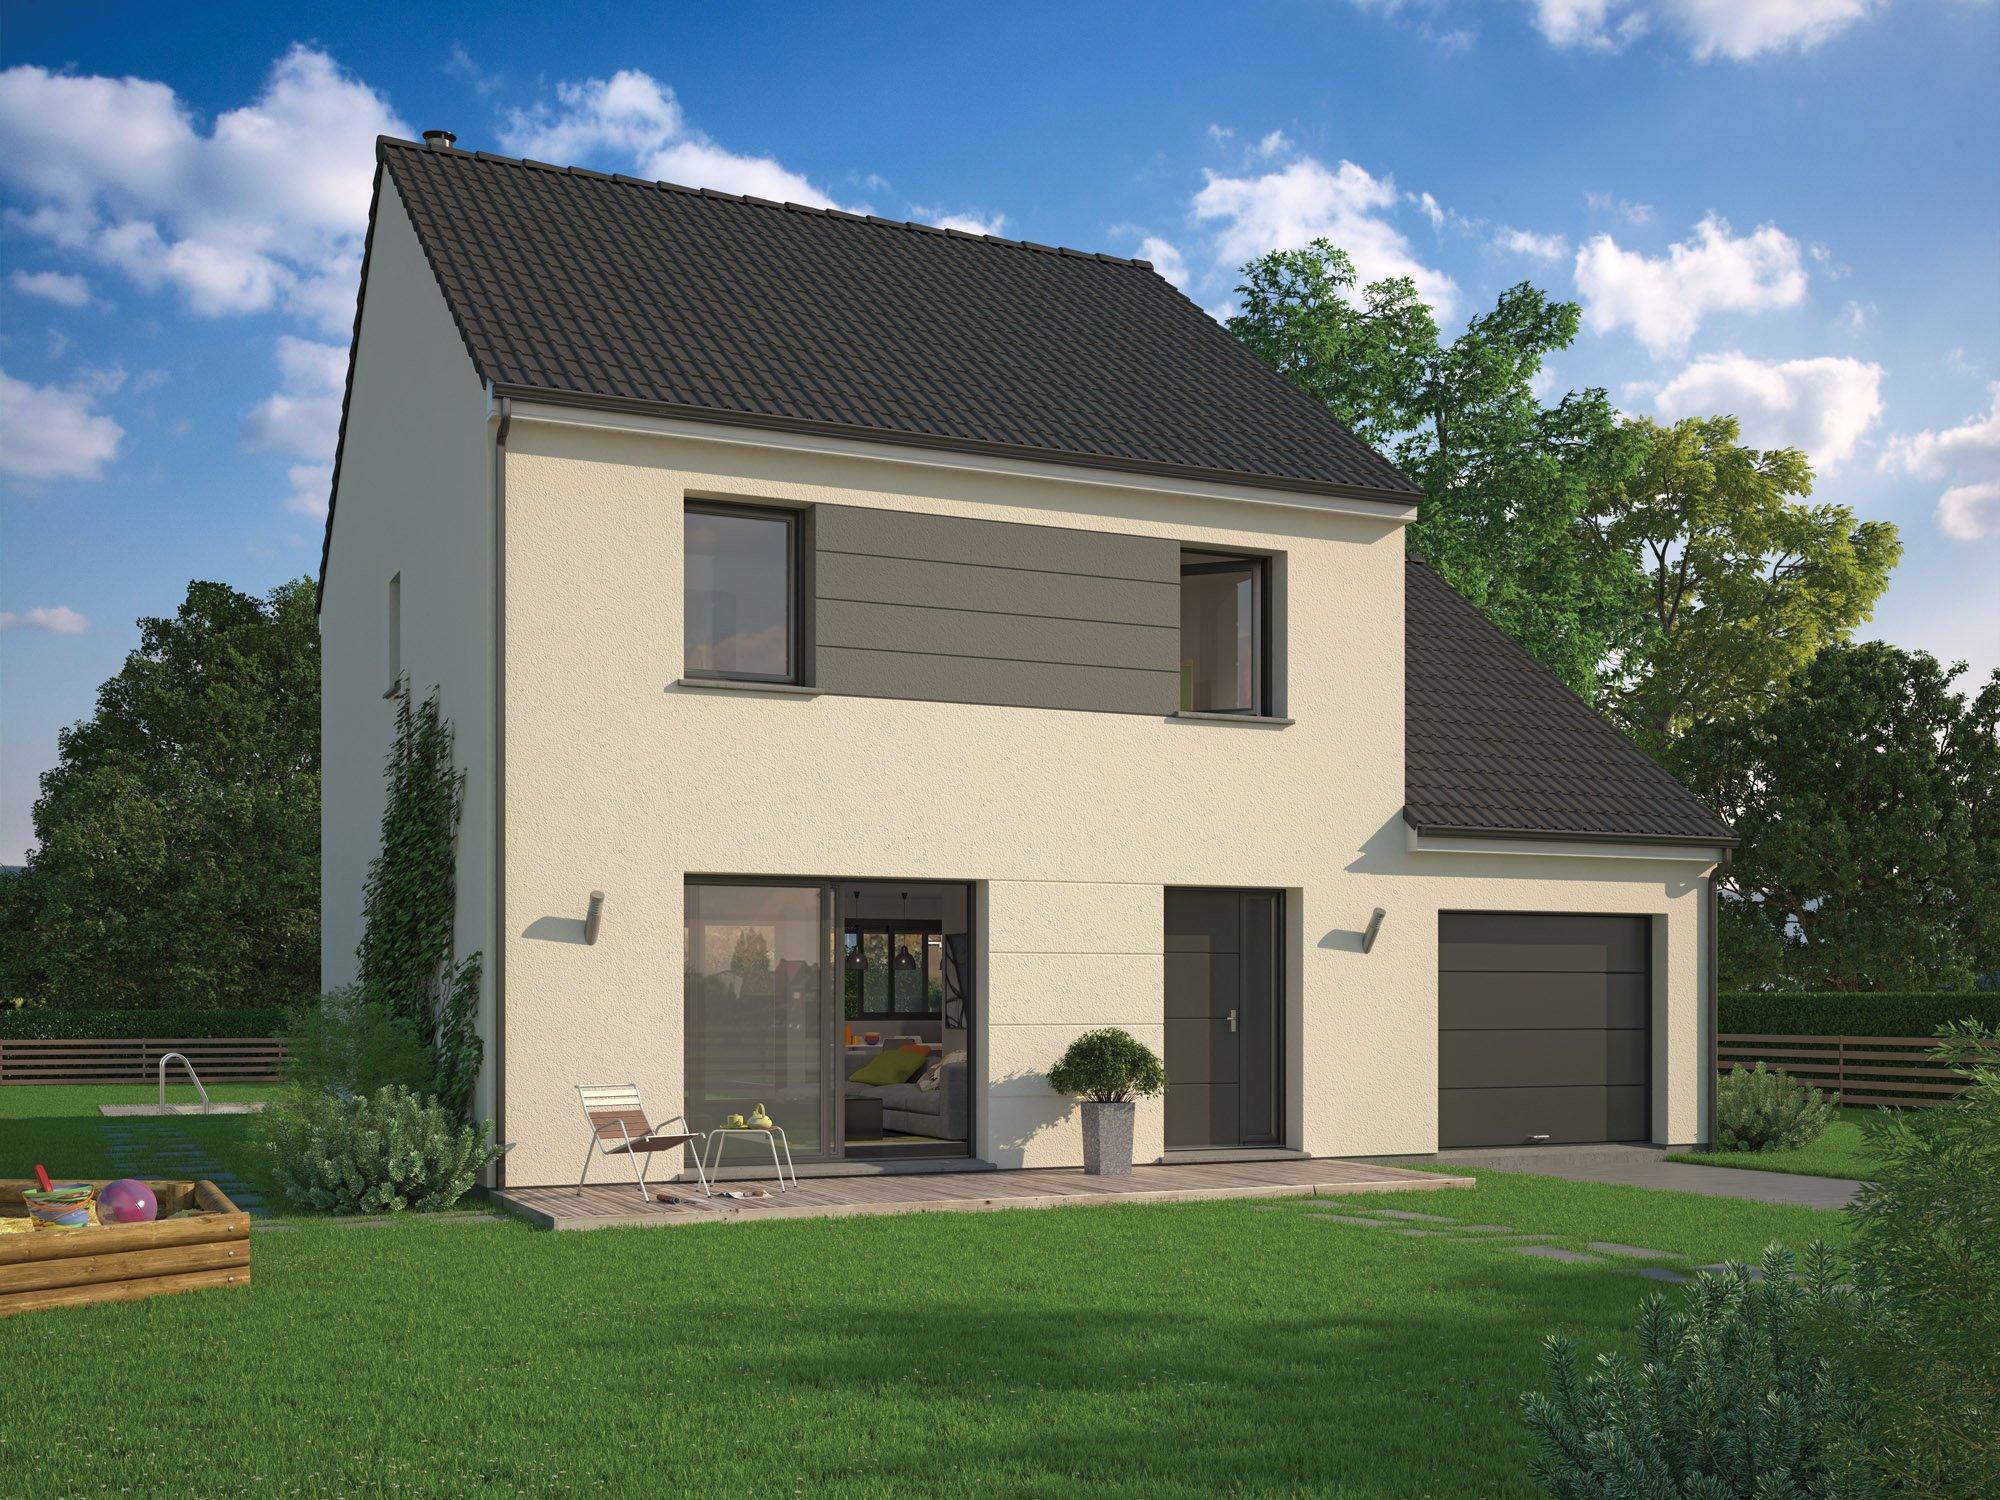 Maisons + Terrains du constructeur MAISON CASTOR • 105 m² • FREPILLON